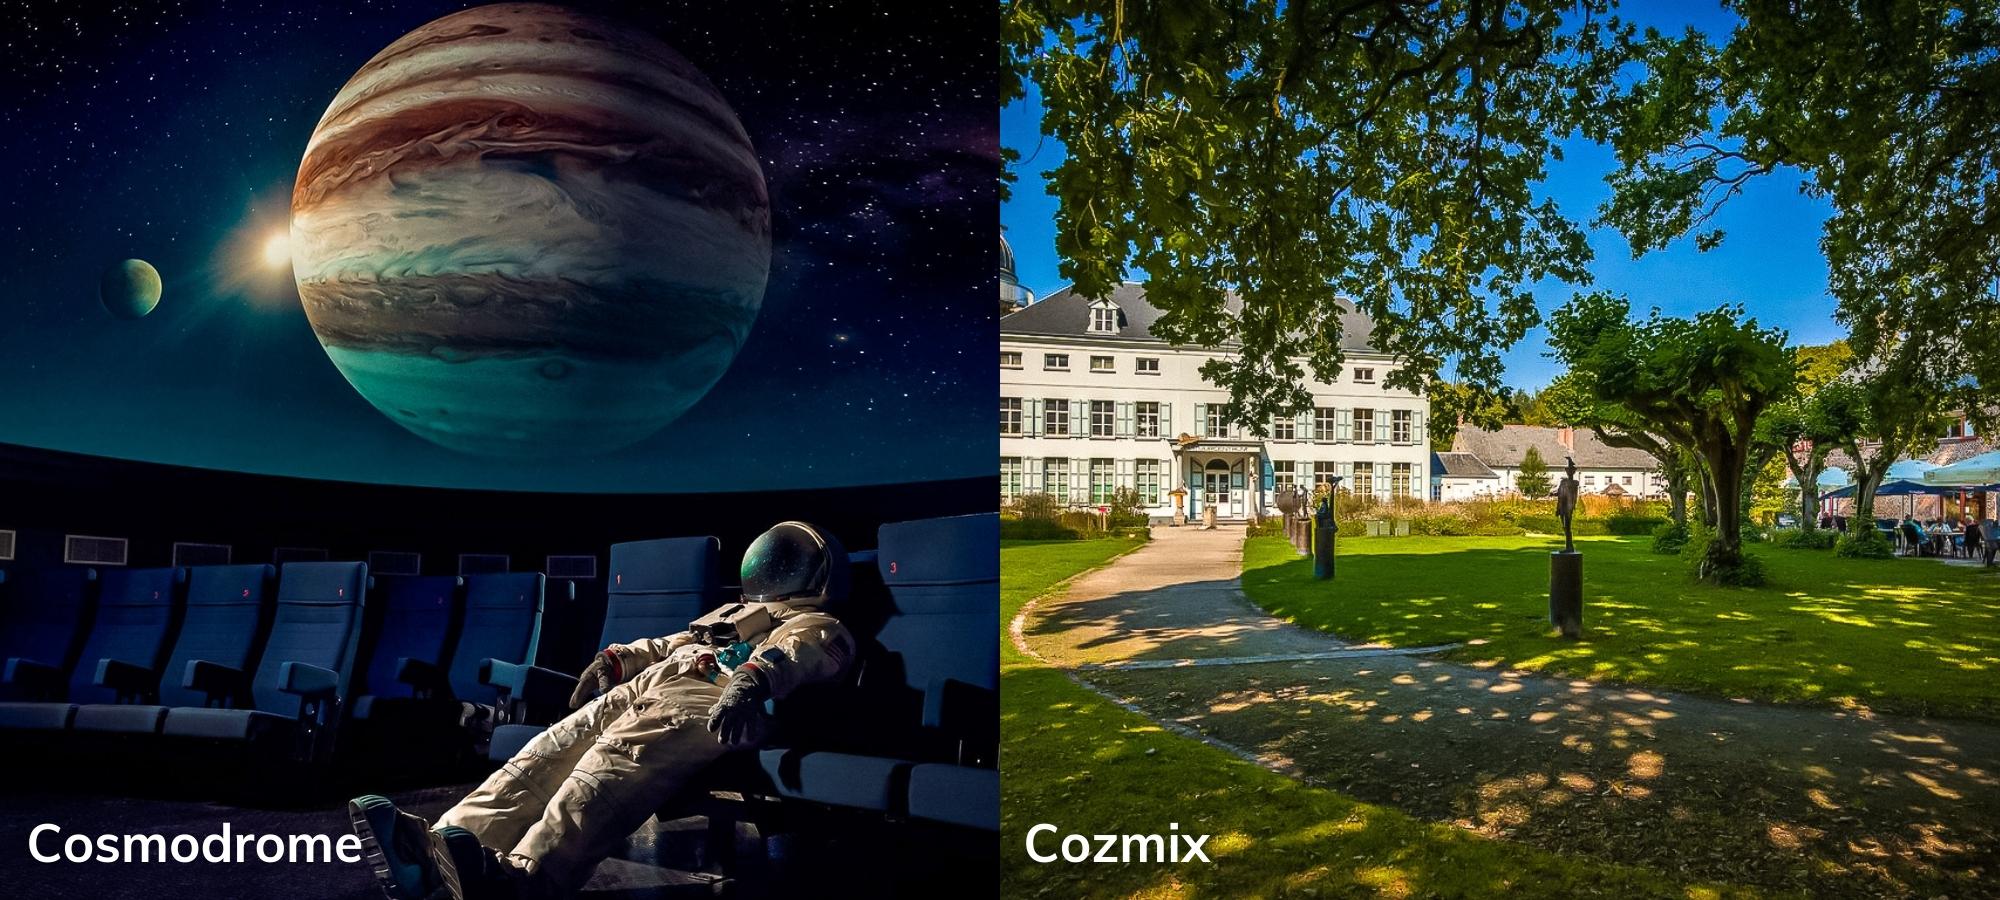 Two planetariums in Limburg and Bruges, Belgium